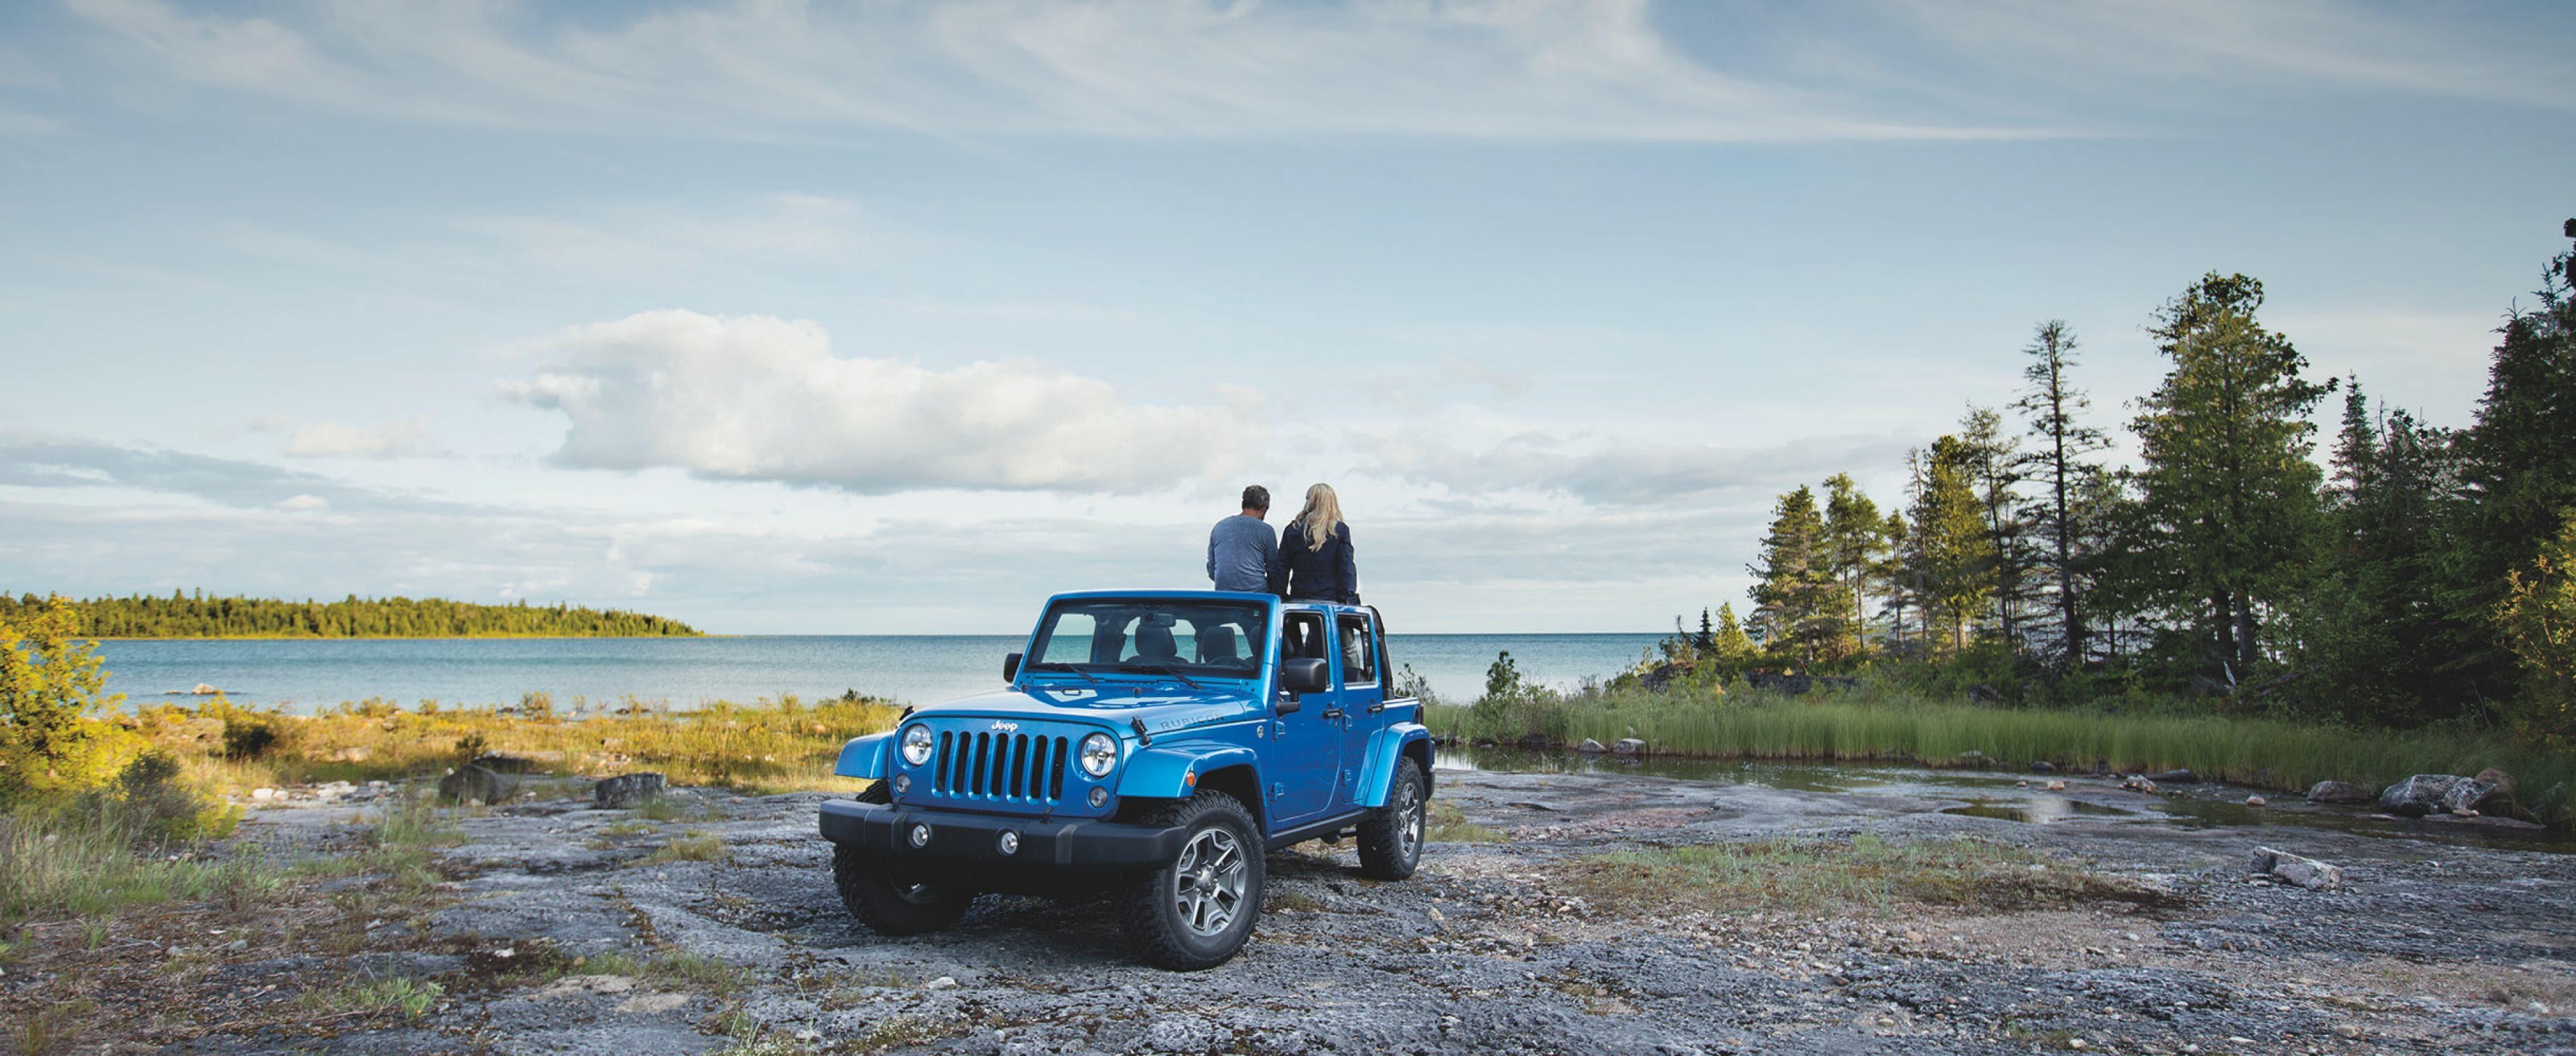 Jeep Wrangler Rental And Similar 4x4 Vehicles Budget Rent A Car